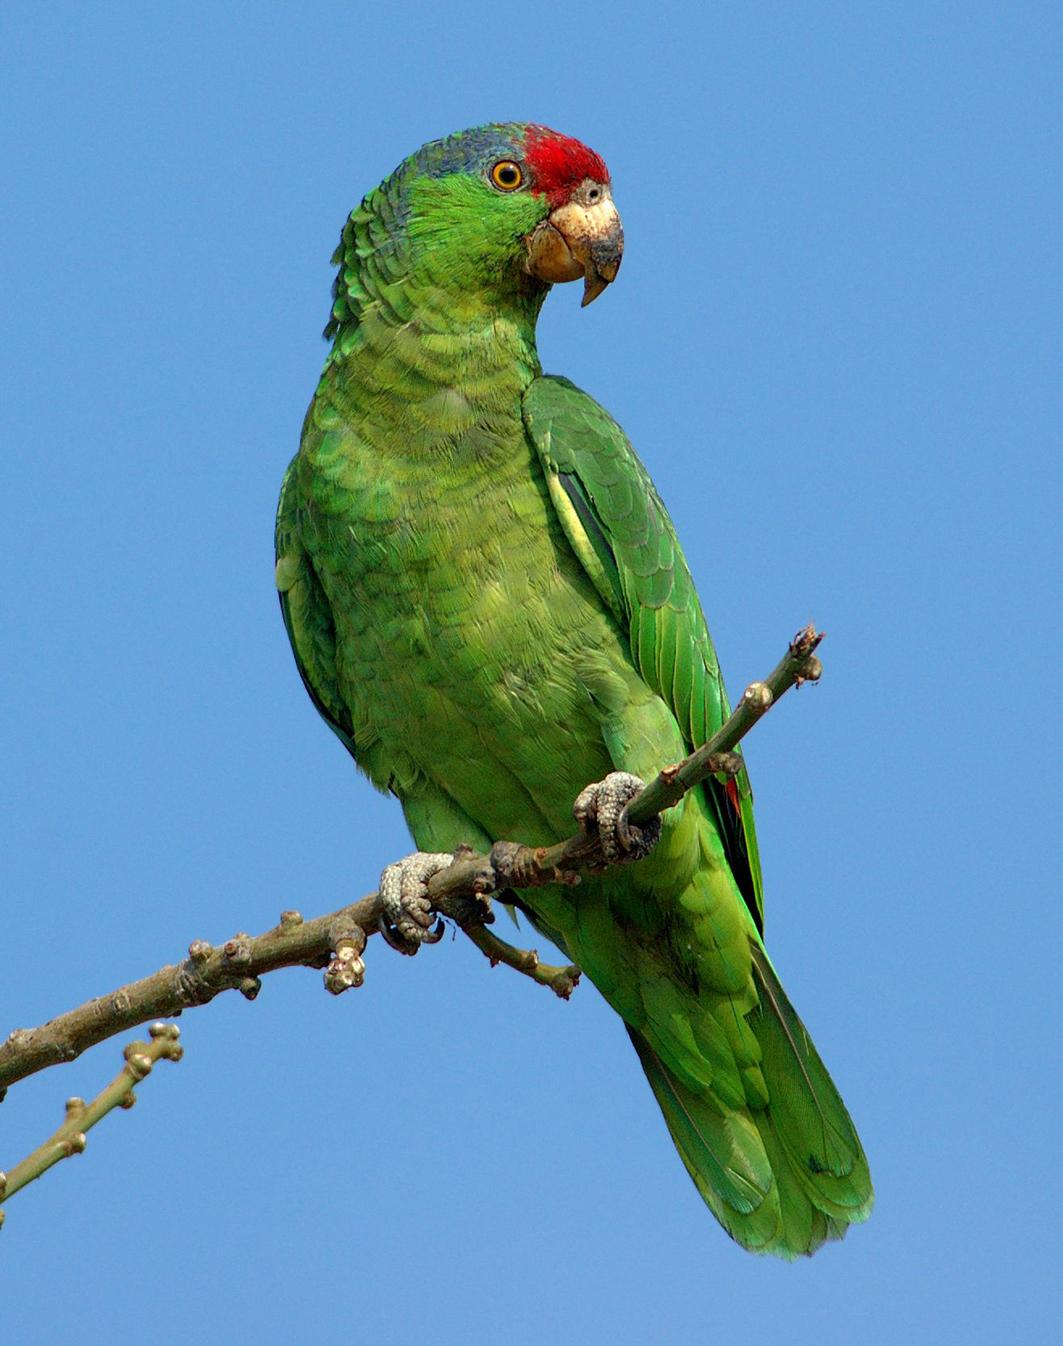 紅冠鸚鵡來自墨西哥東北部的塔毛利帕斯州,在那裏它們已經瀕臨滅絕。它們移居到南加州以來便在野外茁壯成長,現在已經被加州鳥類記錄委員會認定為當地的鳥類之一。 (維基百科)